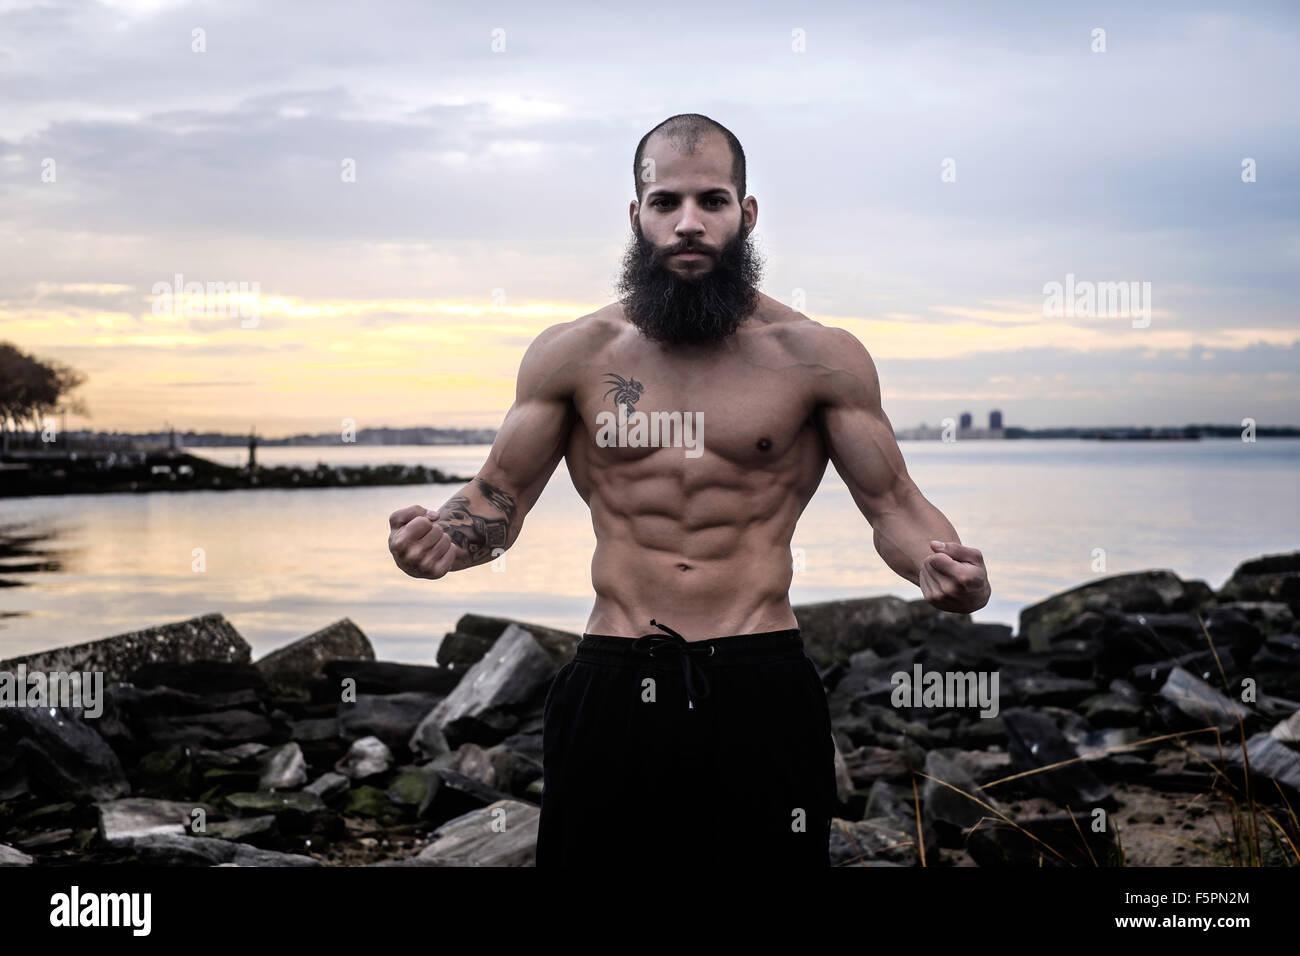 Hombre Barbado se flexiona los músculos abdominales al amanecer en una playa rocosa. Imagen De Stock